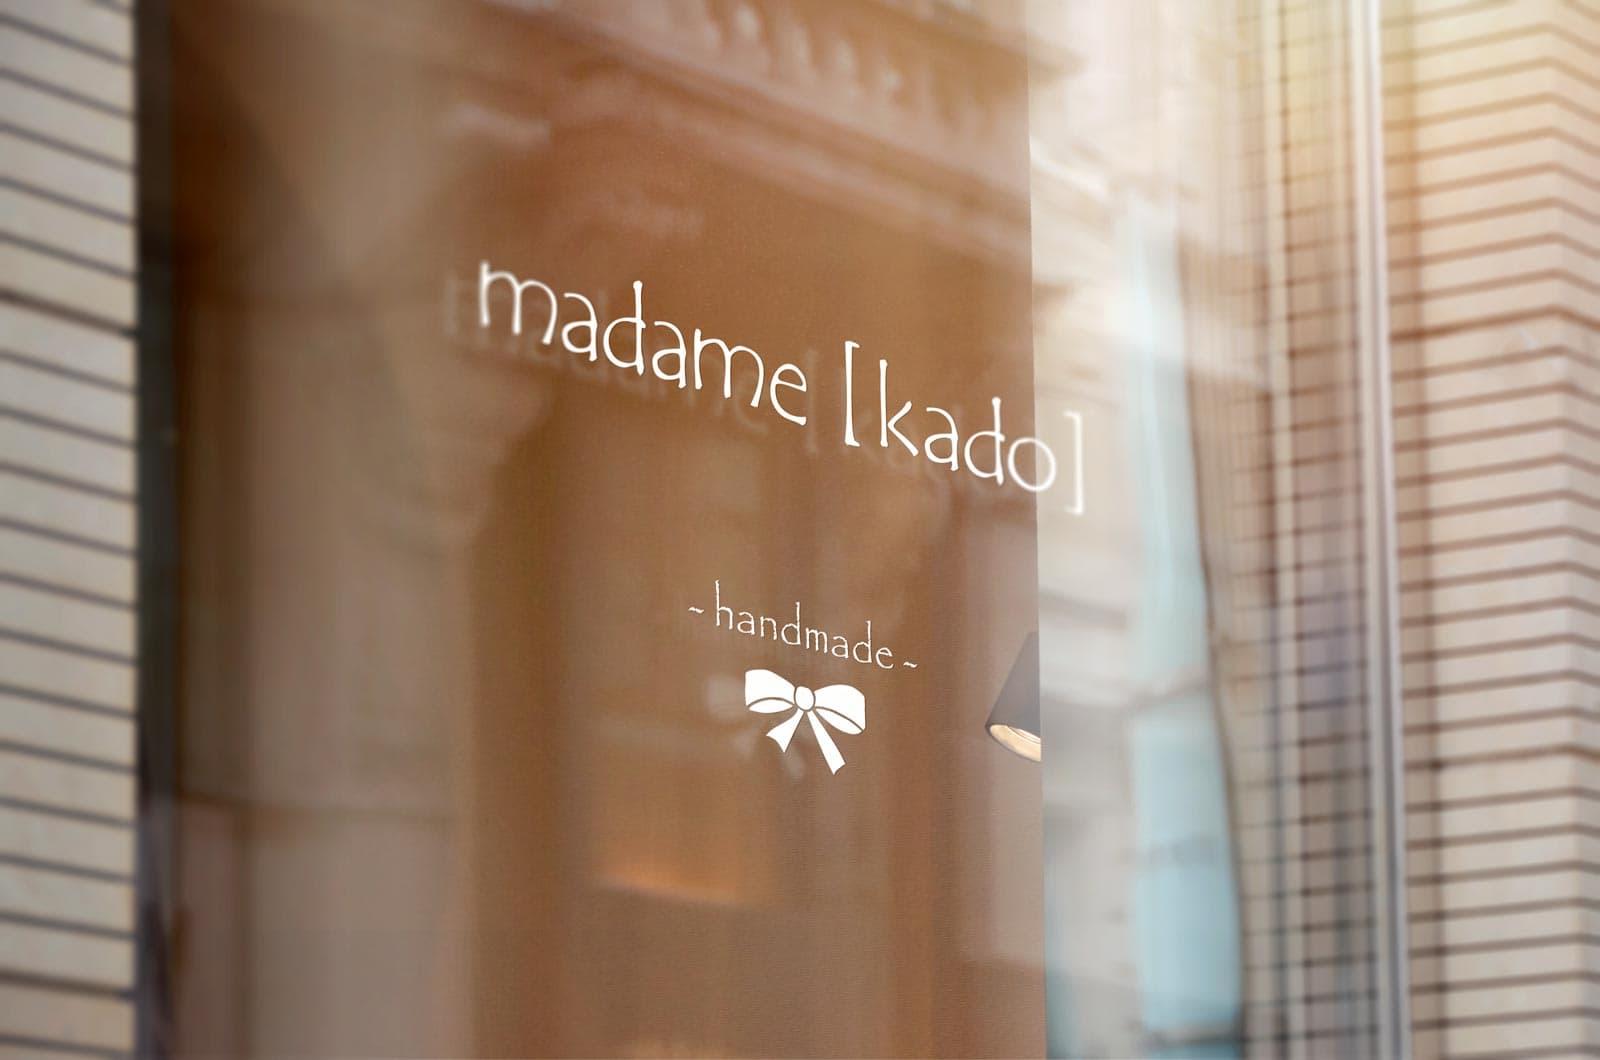 madame kado, Windowsticker, Beschilderung